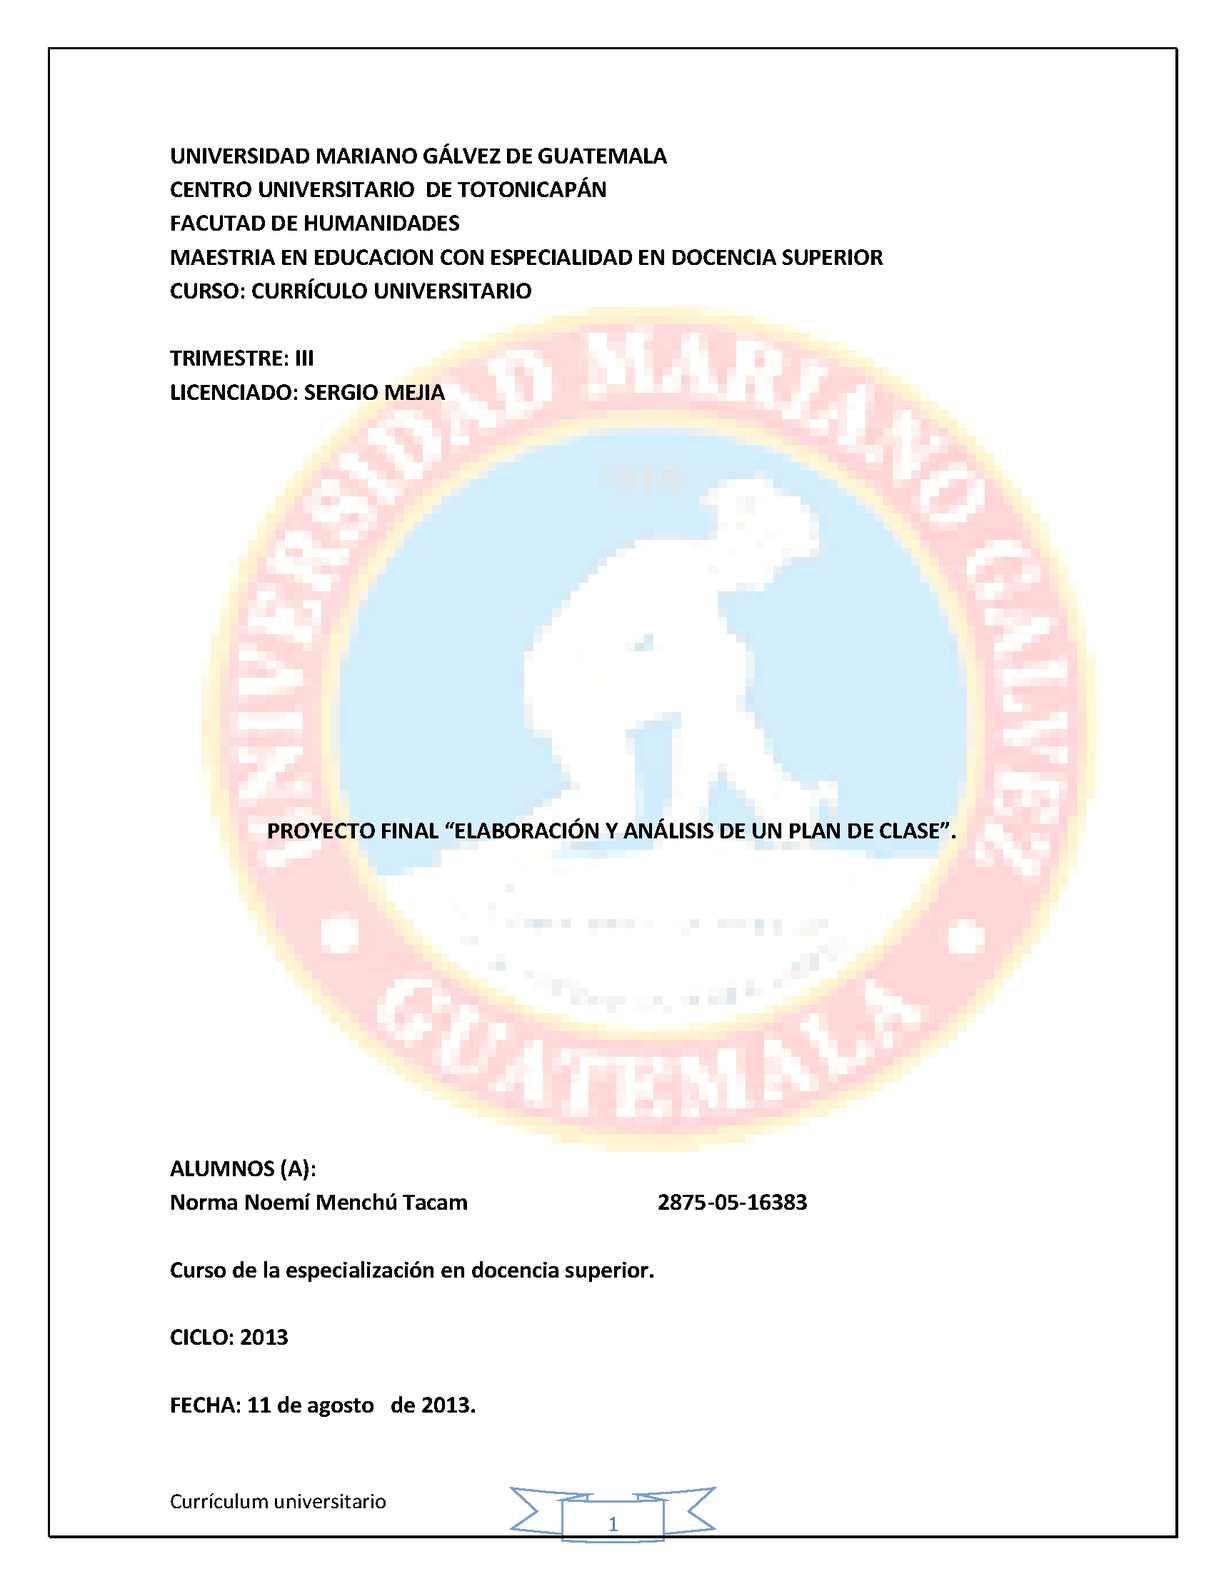 Calaméo Proyecto Final Currículum Educación Superior Norma